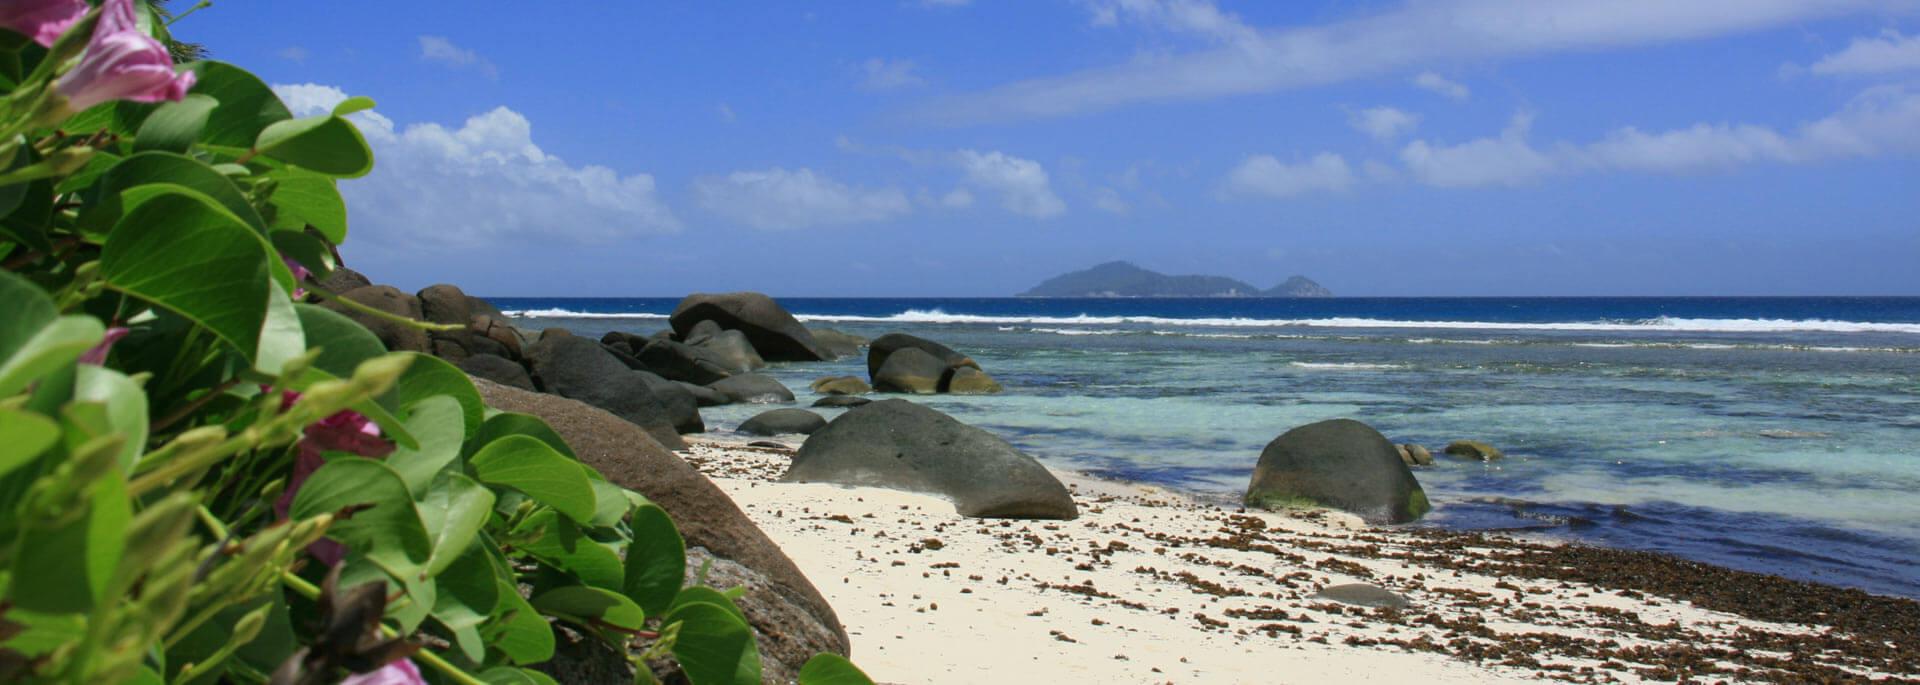 Reportage: Der perfekte Tag auf der Seychellen-Insel Mahé